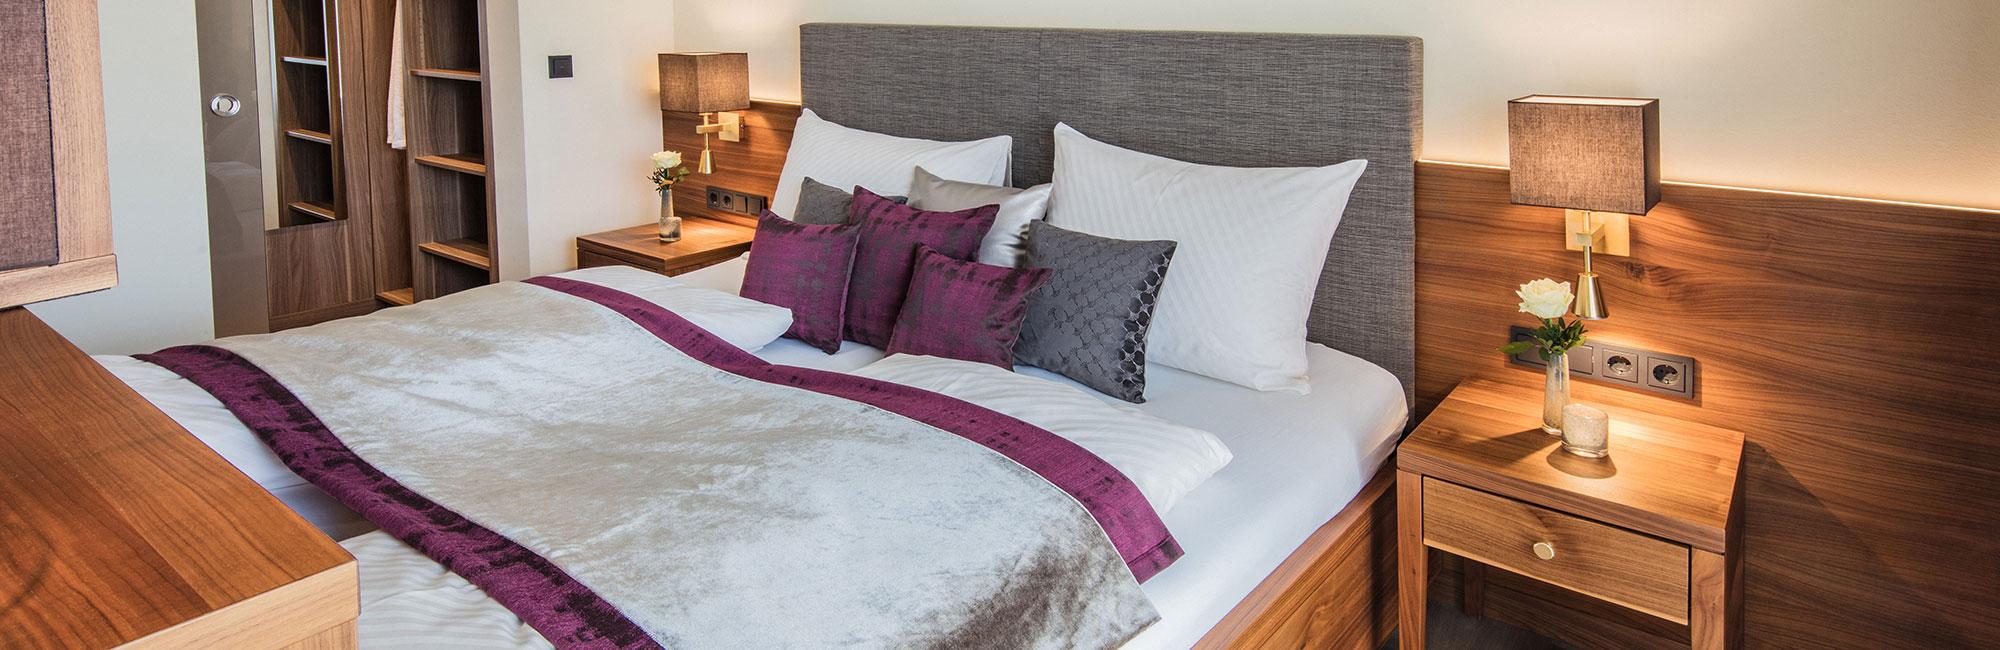 Hoteleinrichtung - Hotelzimmer Typ Residenz